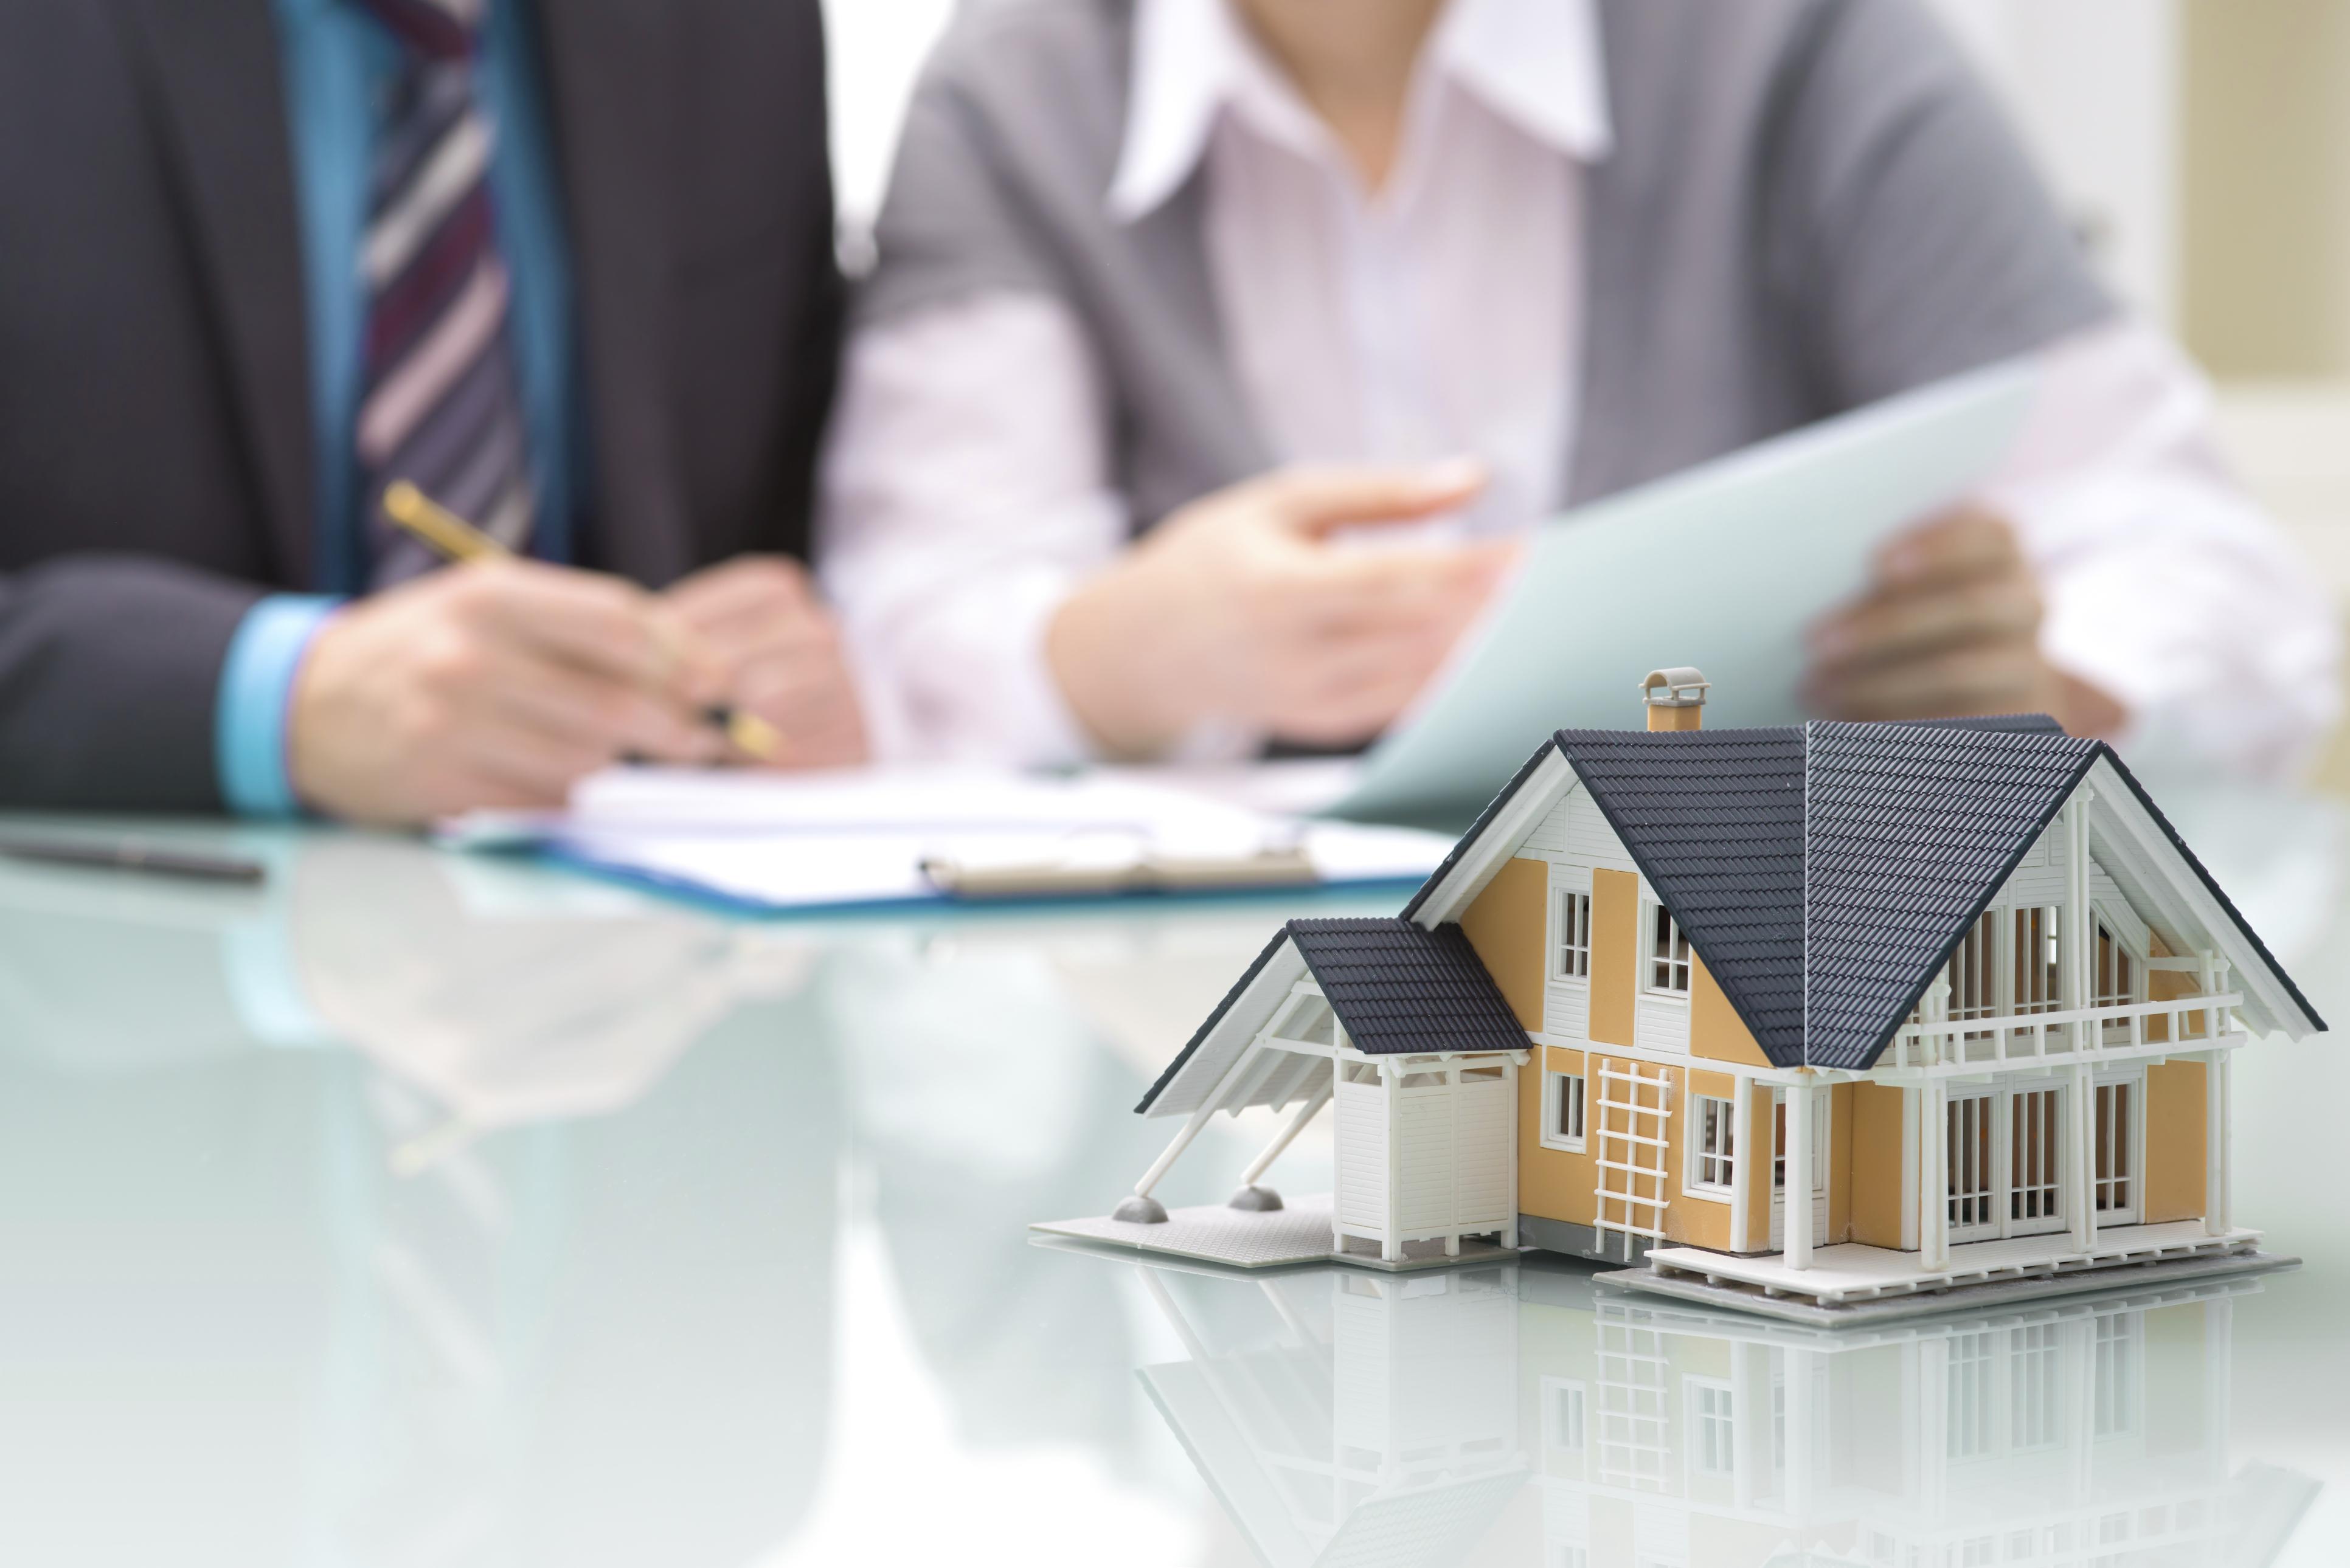 Кабмин одобрил льготную ипотеку на строящееся жилье Фото: Thinkstock